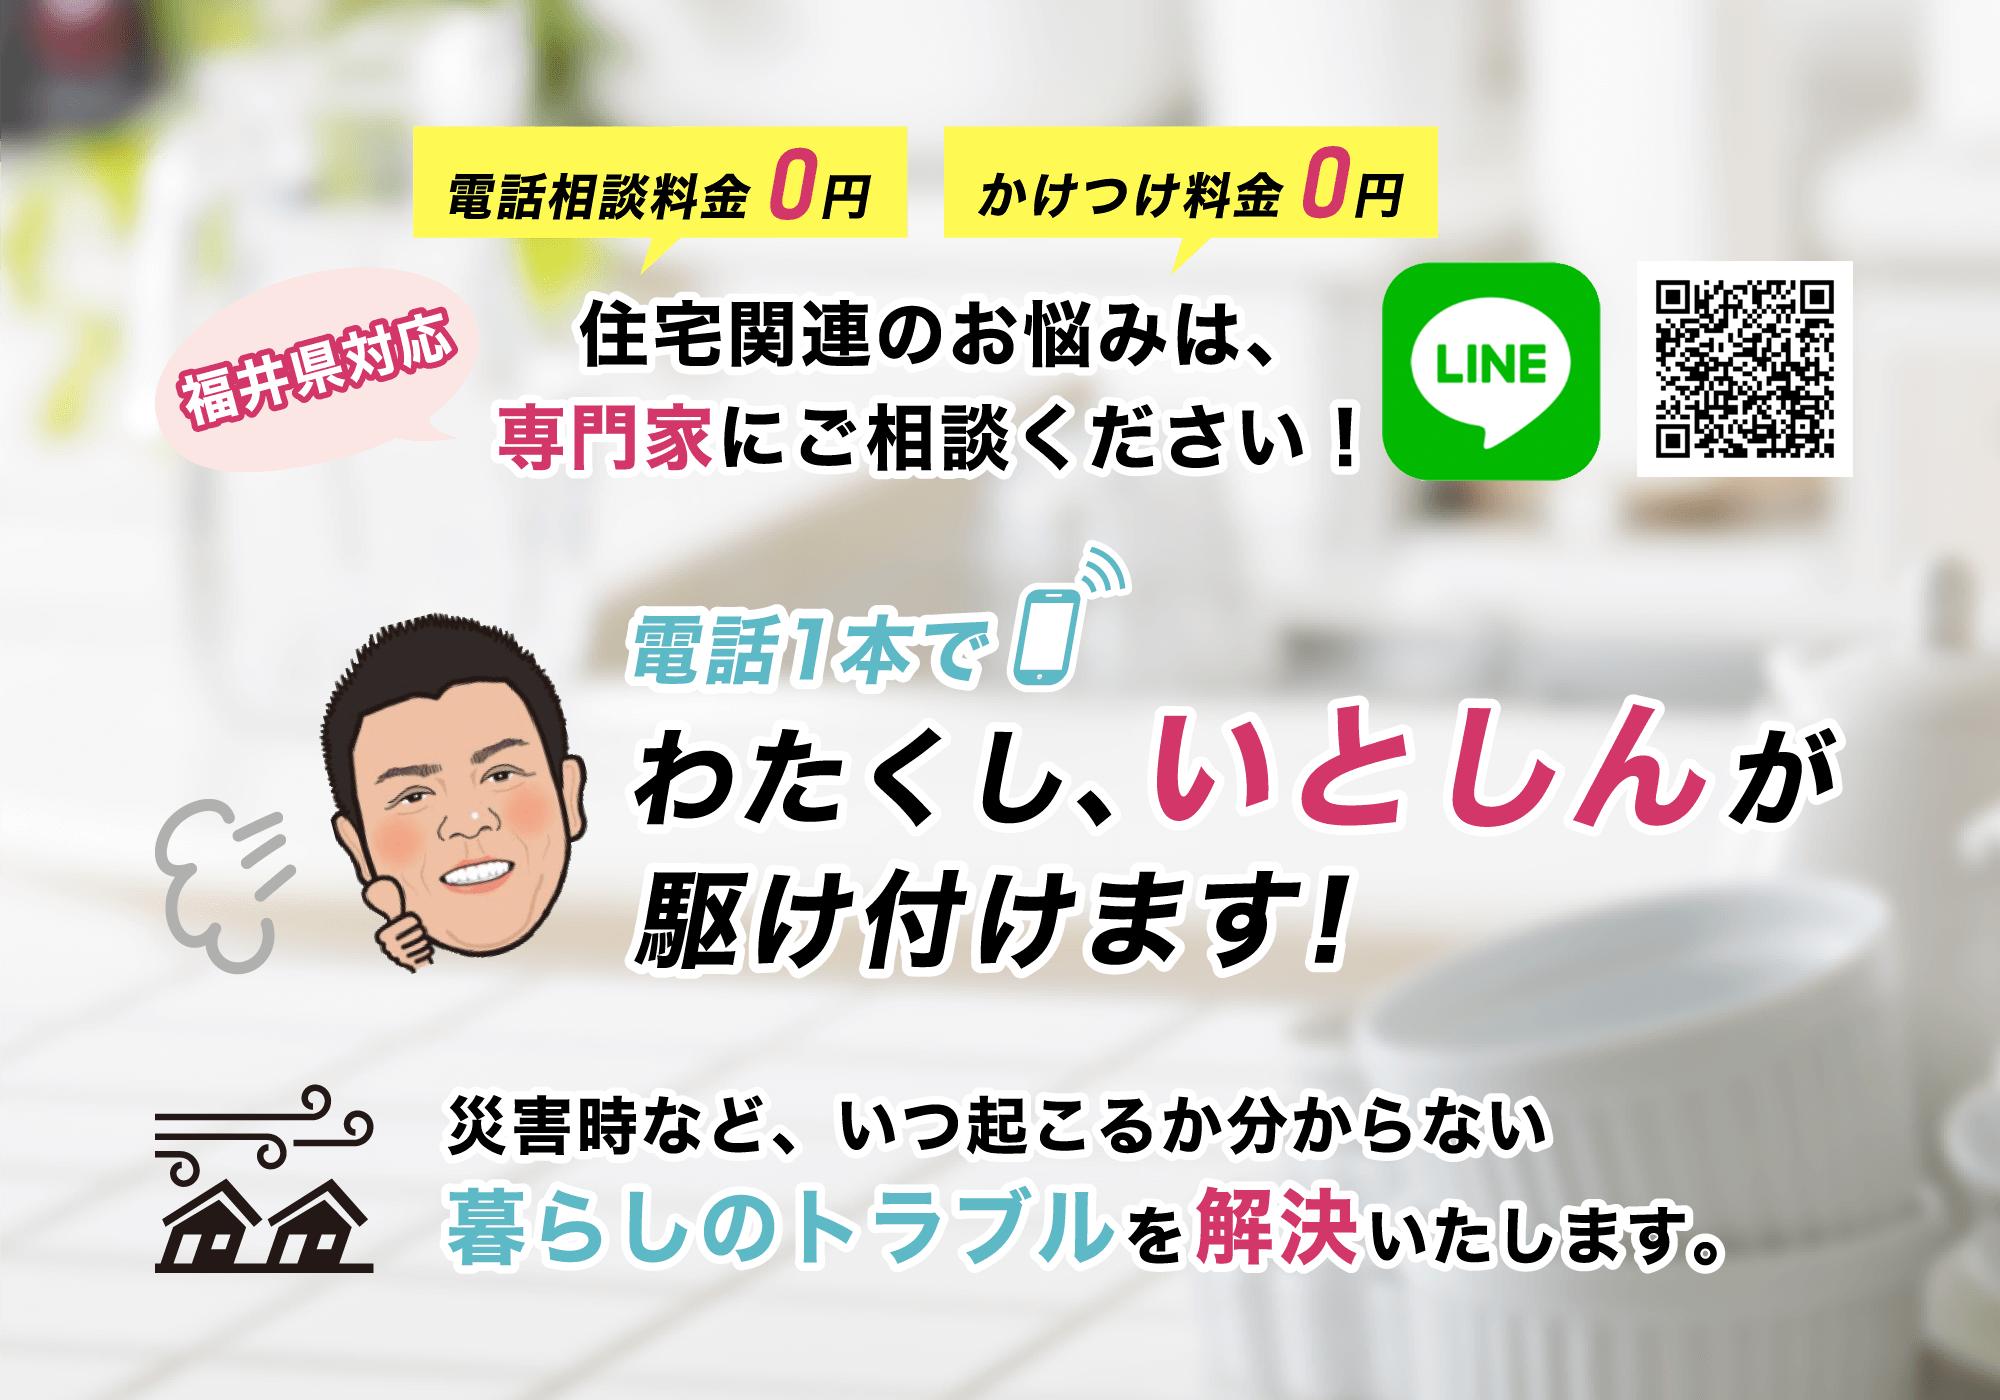 福井の災害駆け付け隊